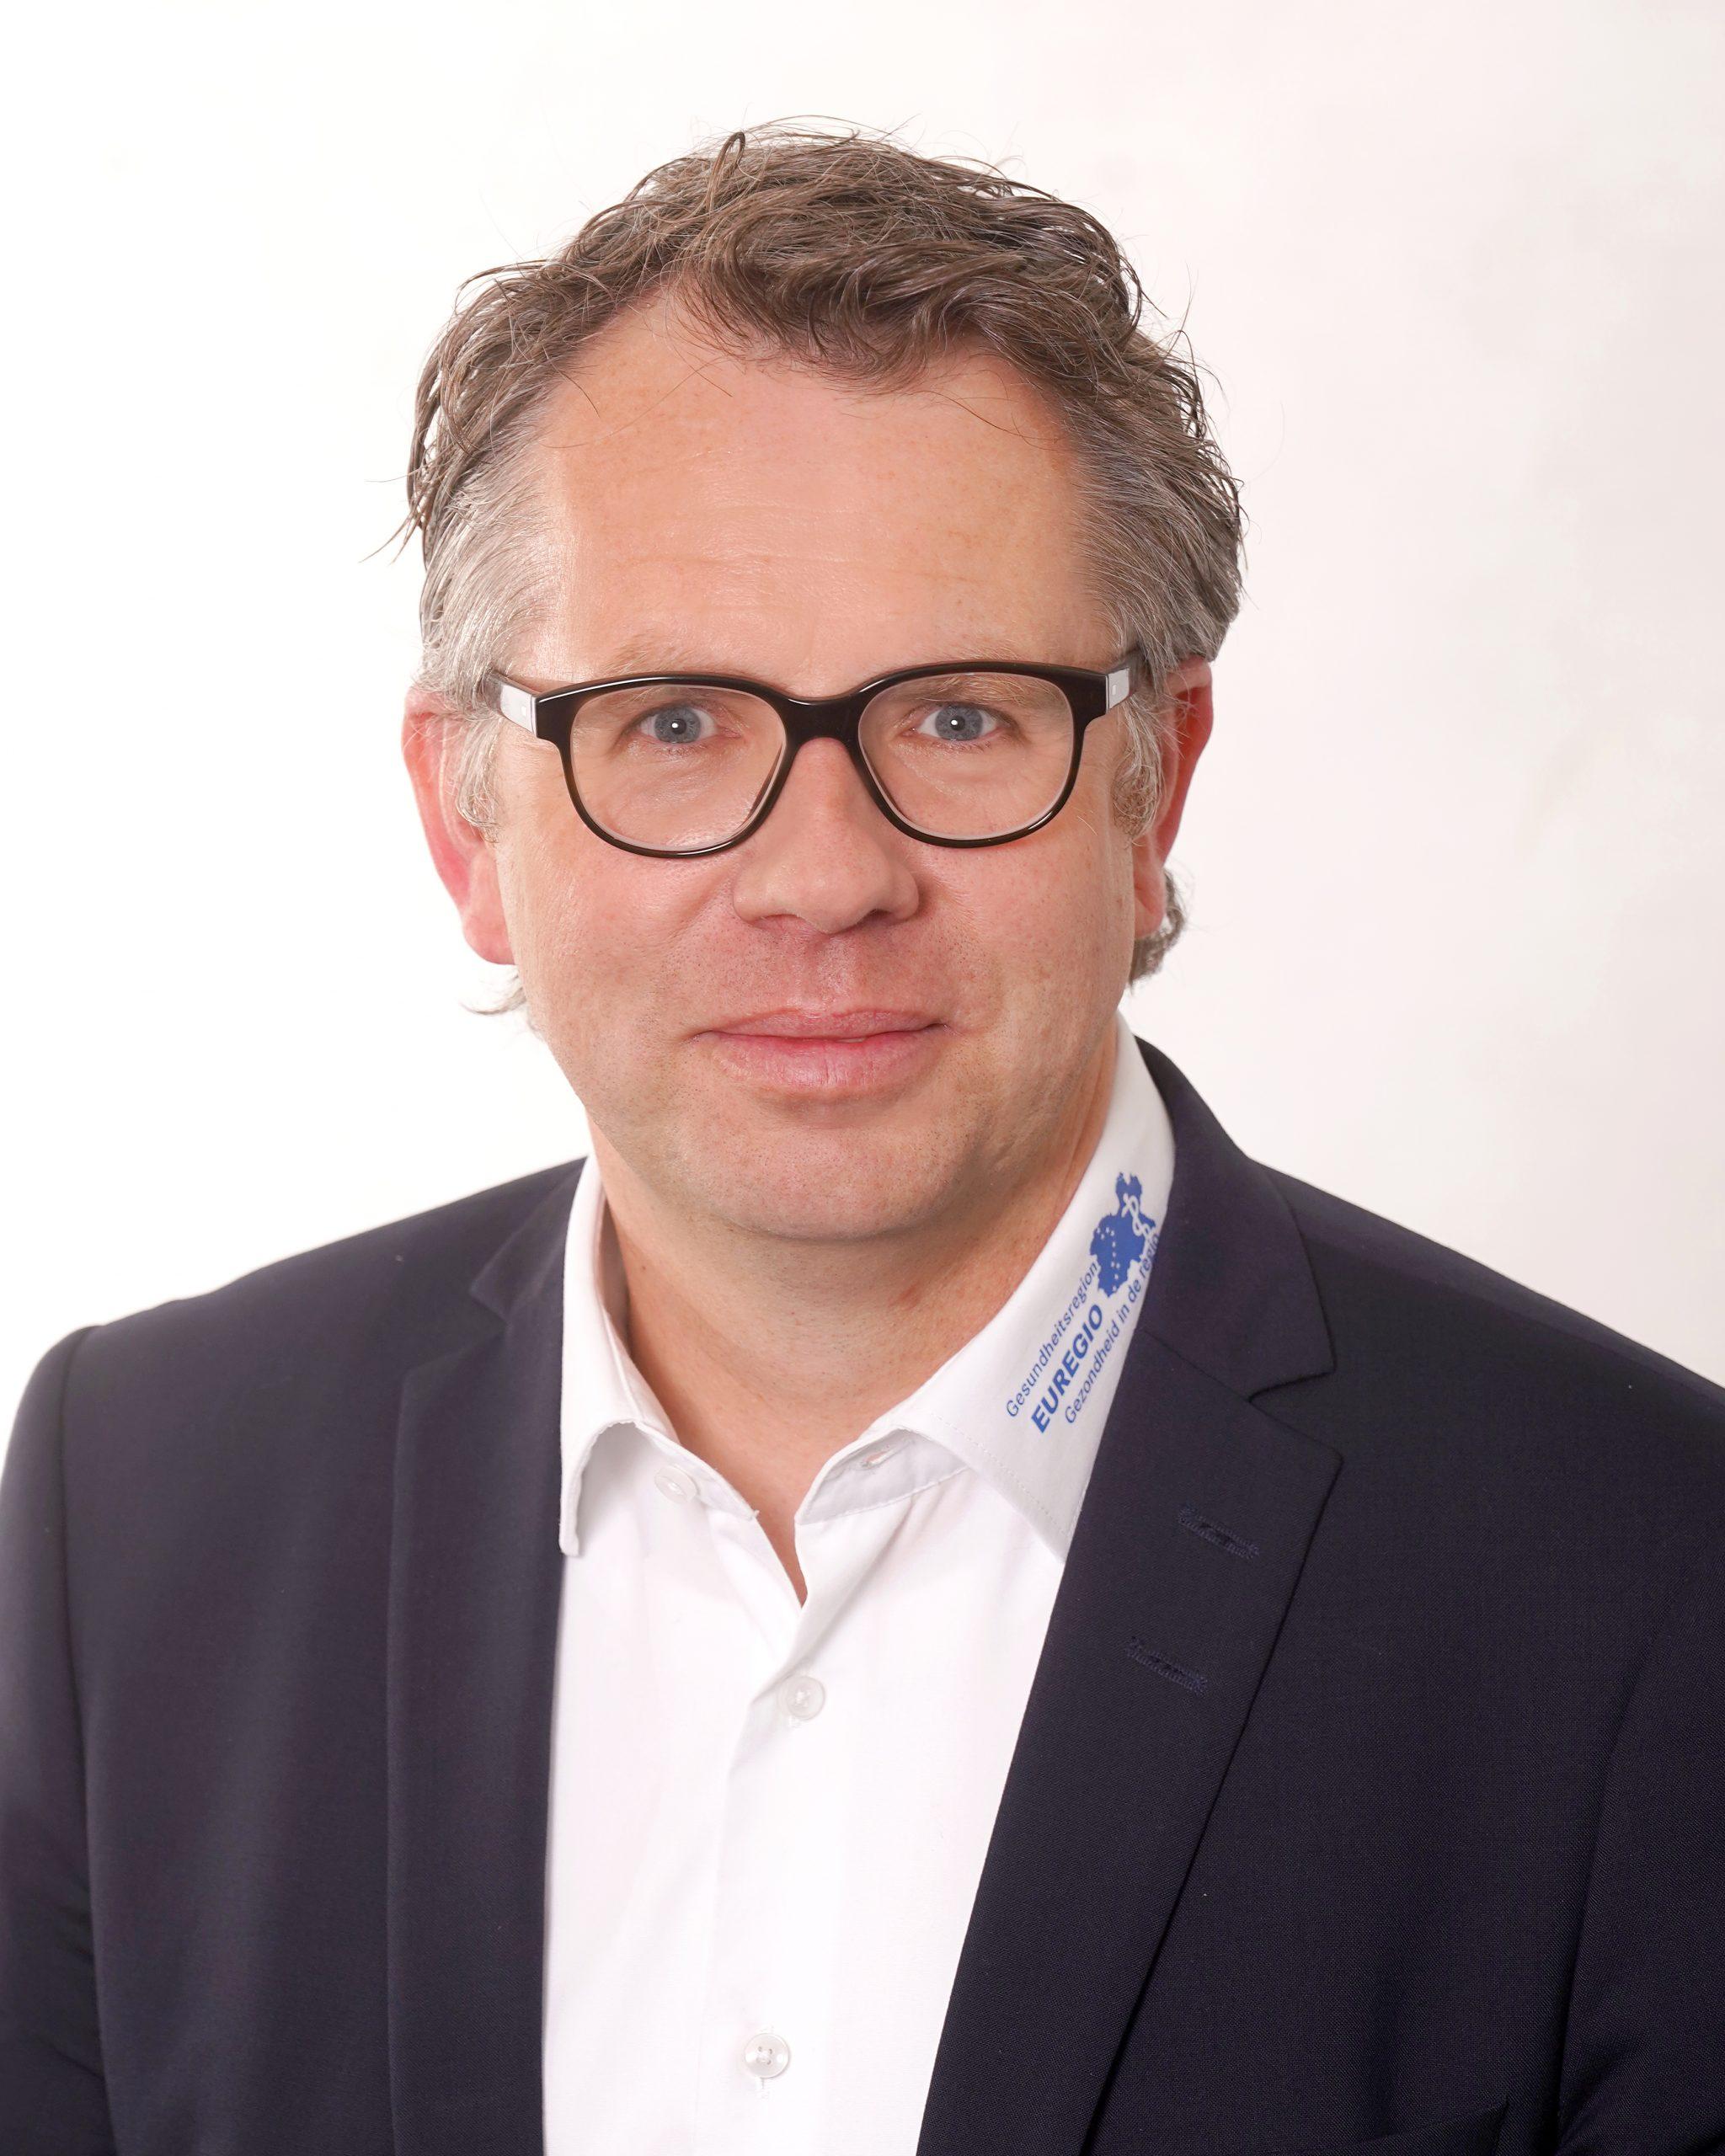 Thomas Nerlinger